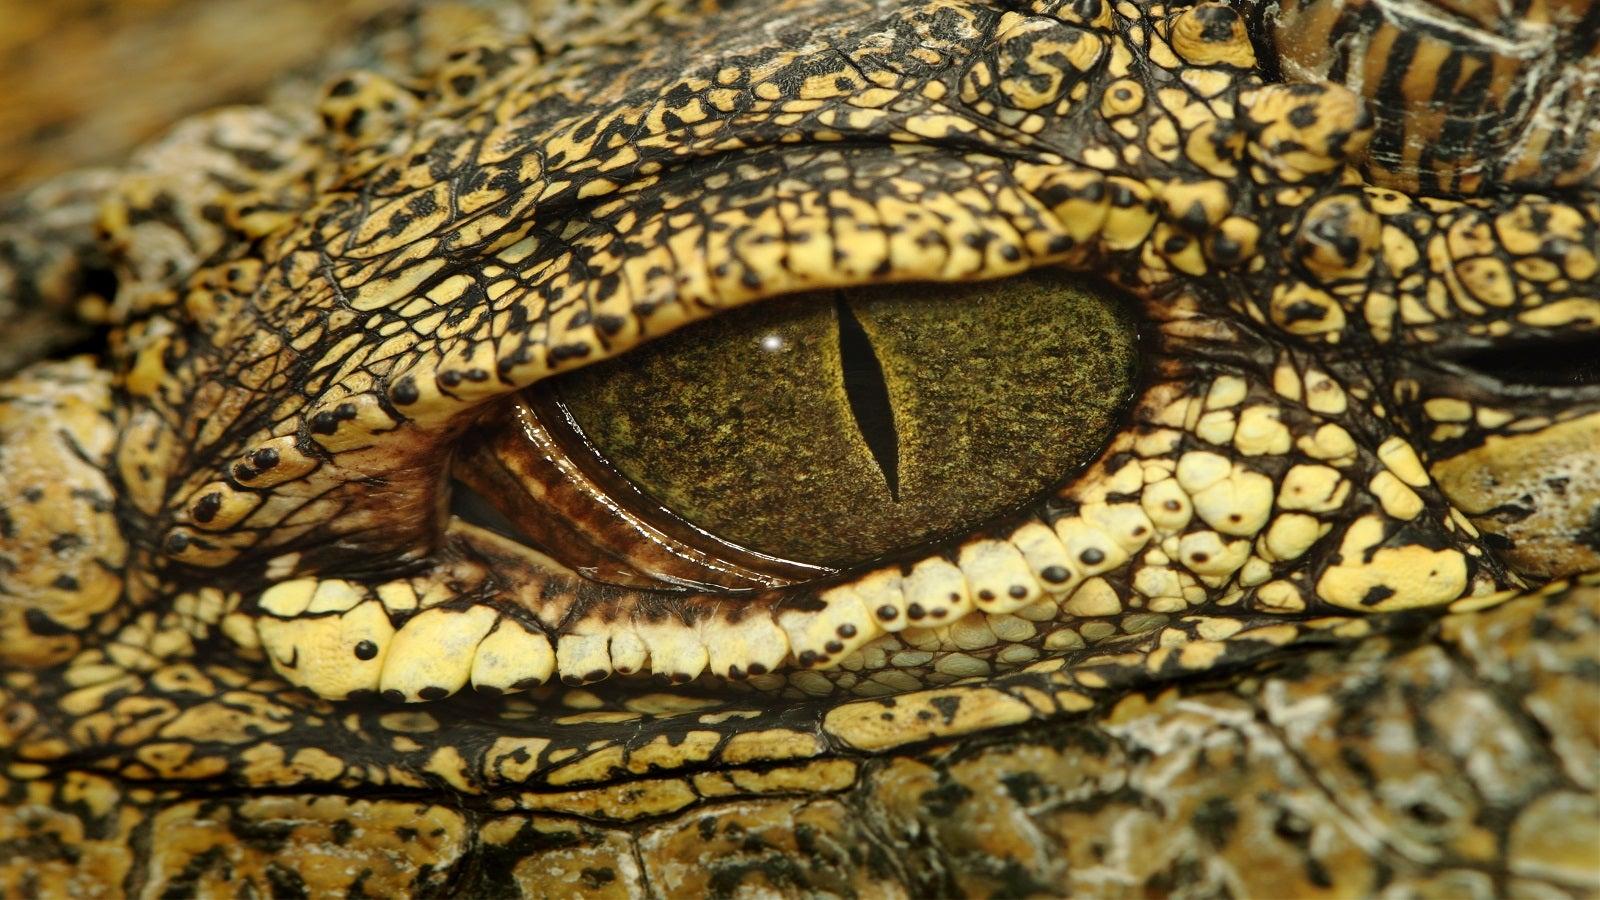 Gefährlicher Spielkamerad - Urlauberkinder holen Alligator aus See   The Weather Channel - Artikel von The Weather Channel   weather.com